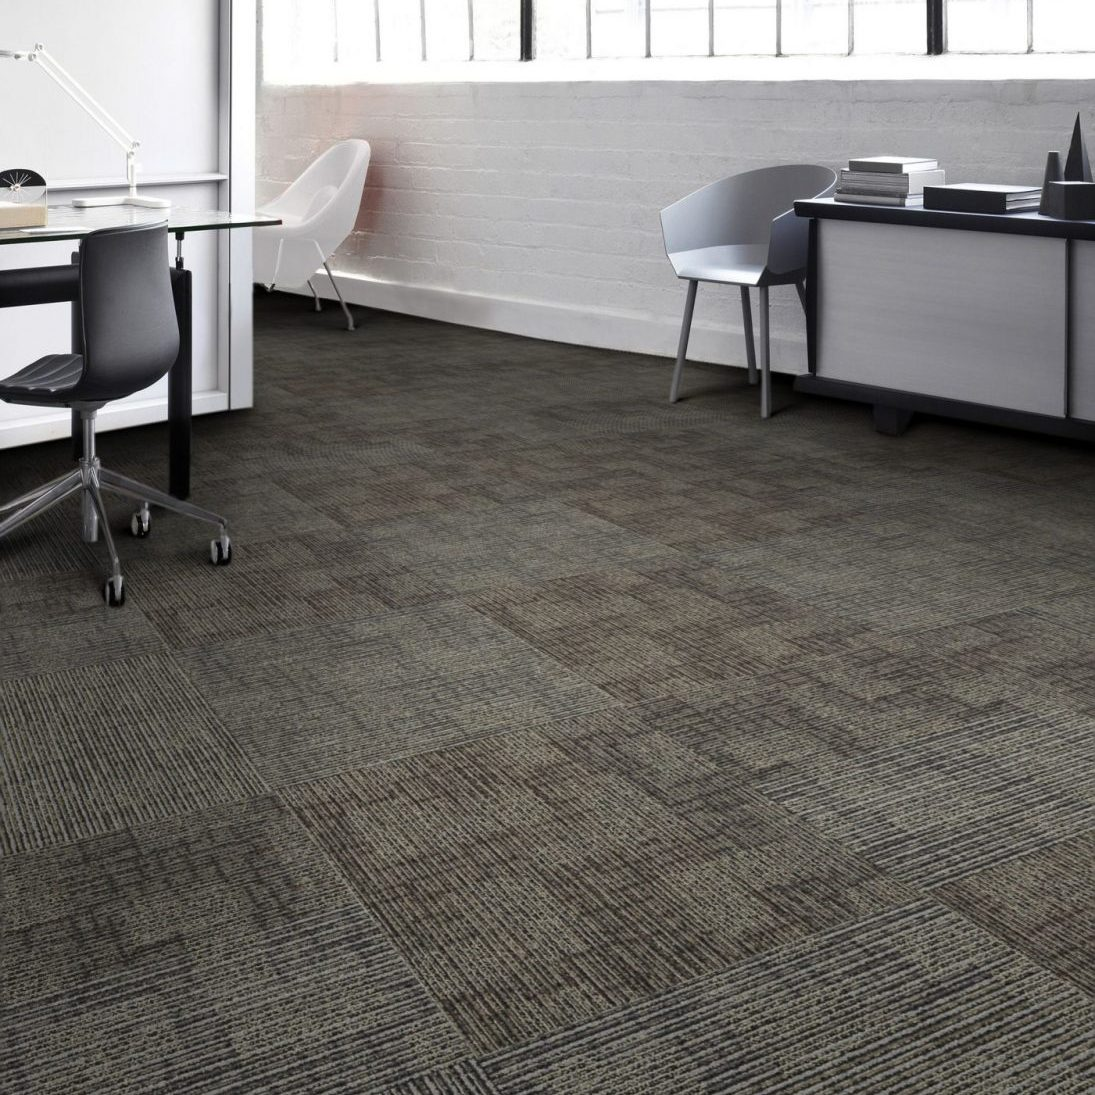 carpet tile in office Reading, PA | Boyer's Floor Covering